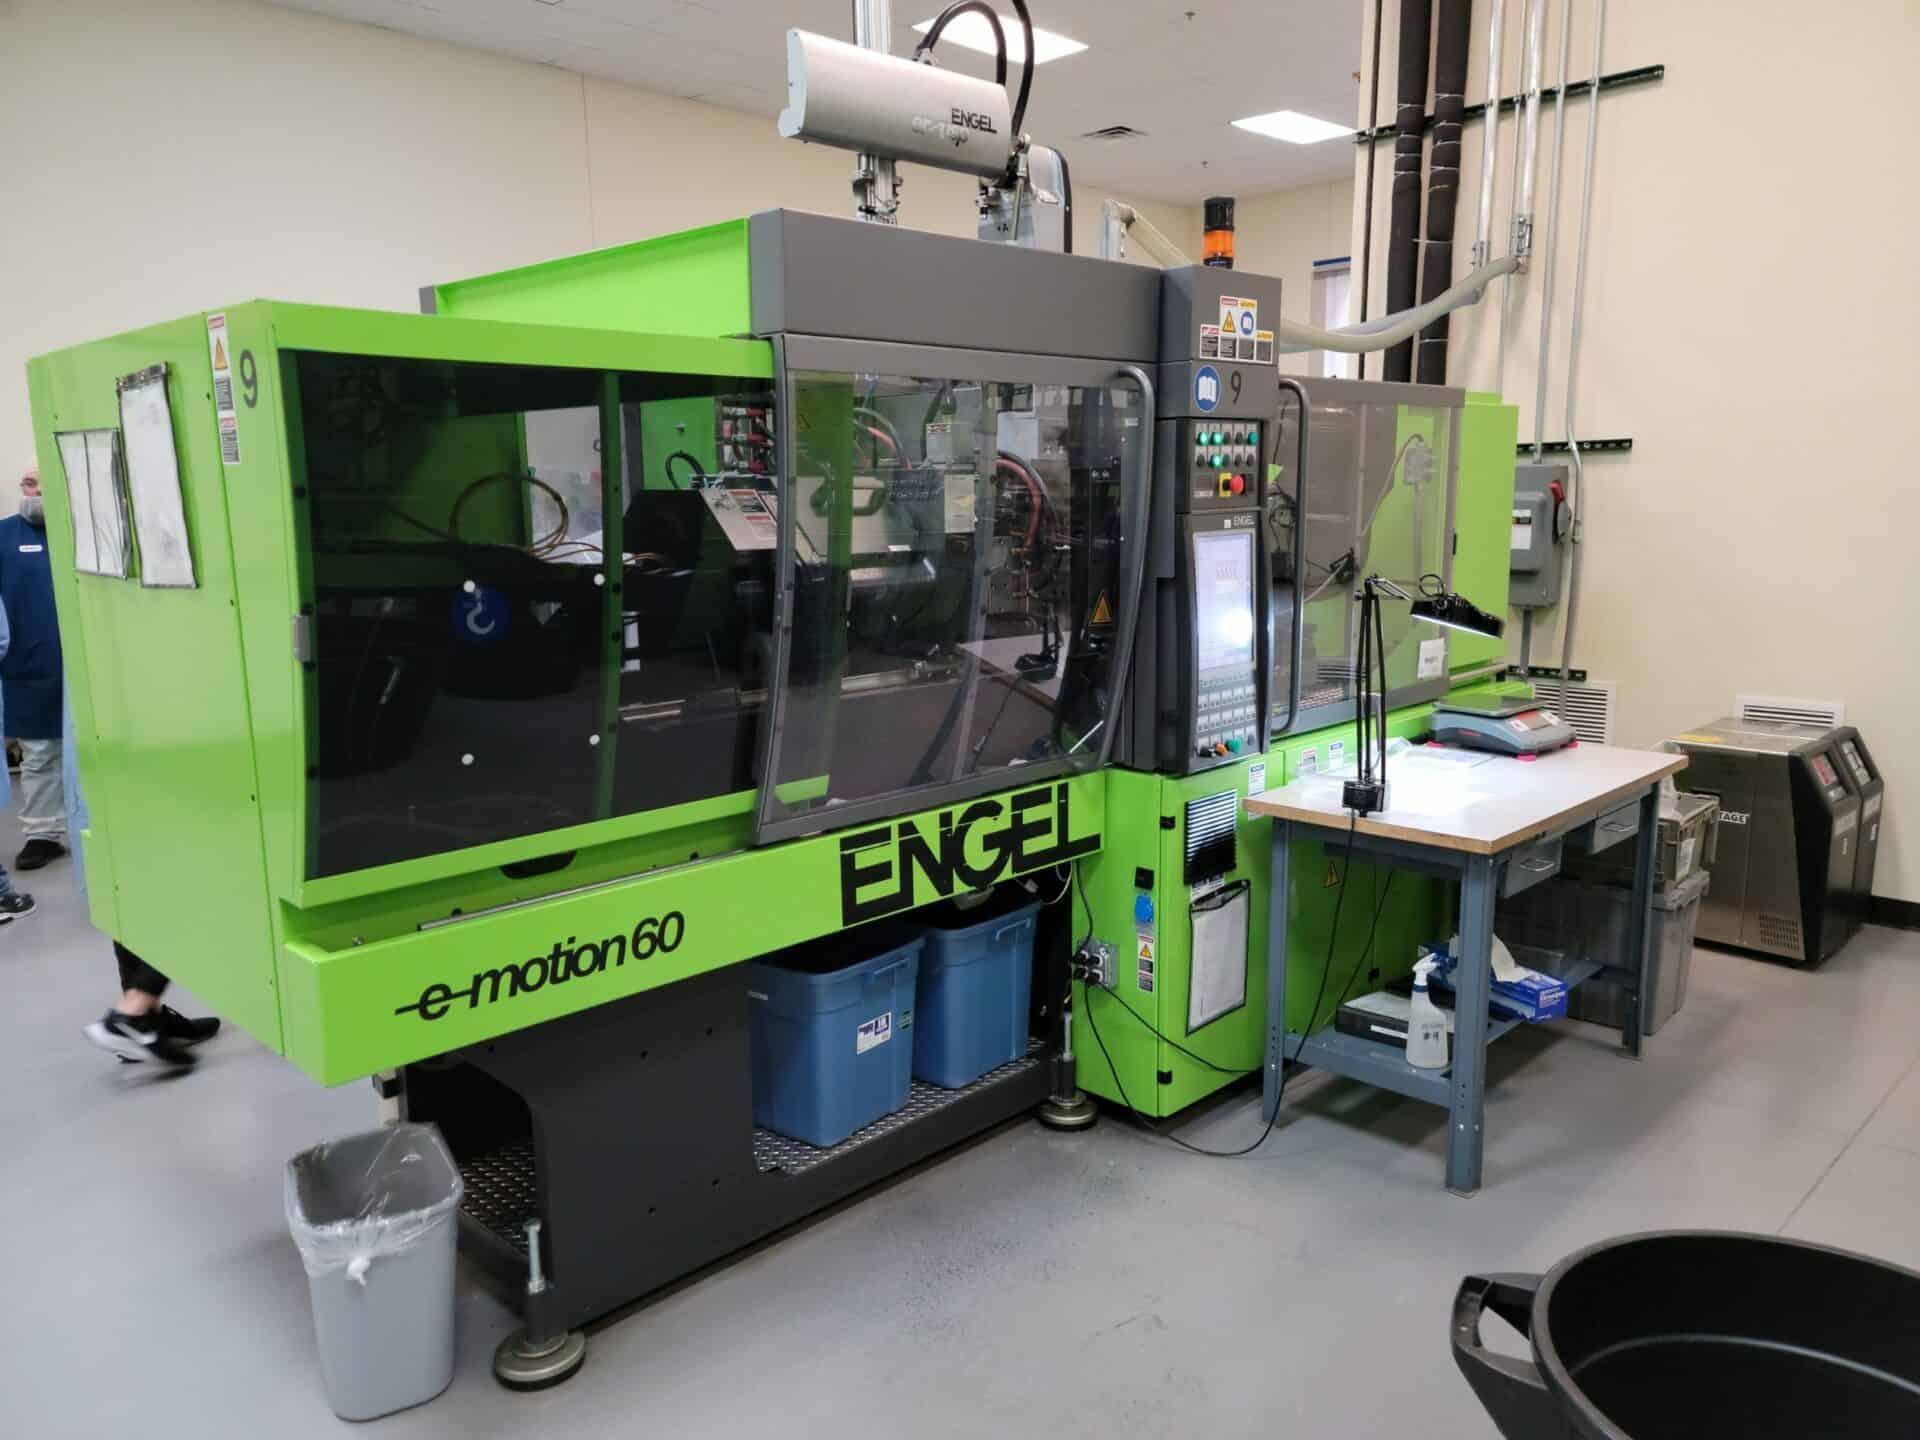 2011 Engel e-motion 60